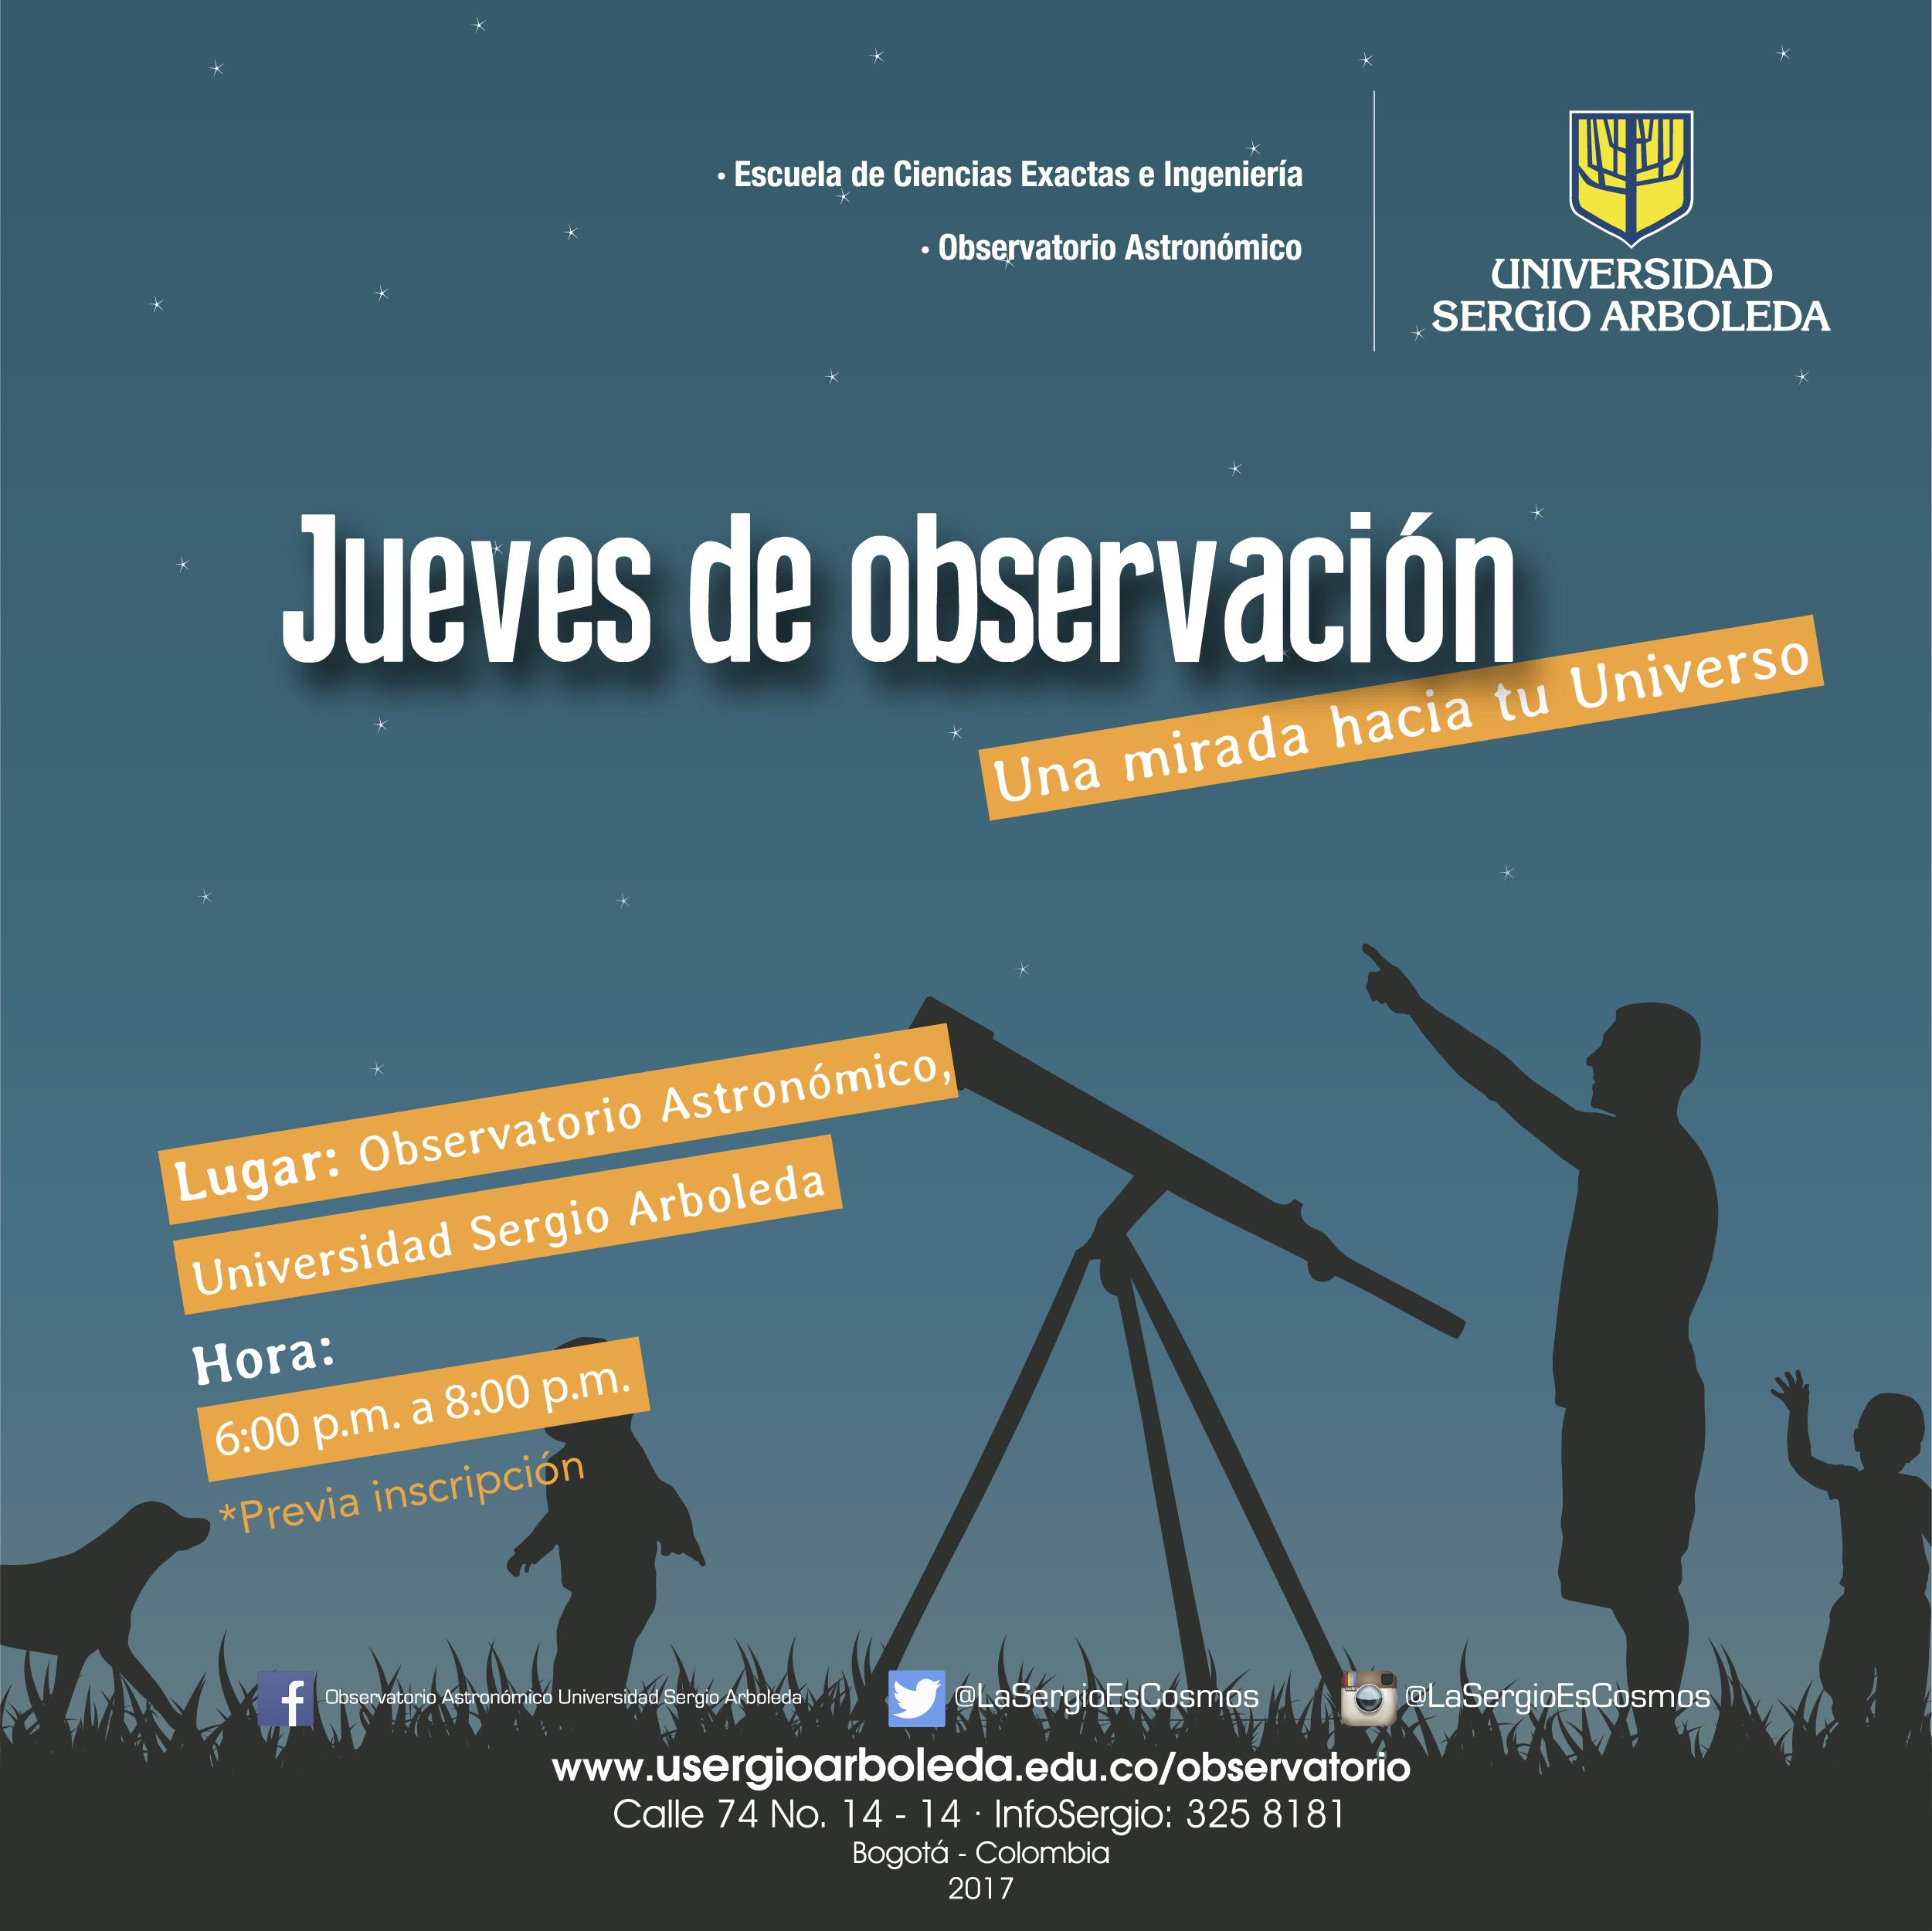 Jueves_de_observacio_n-02